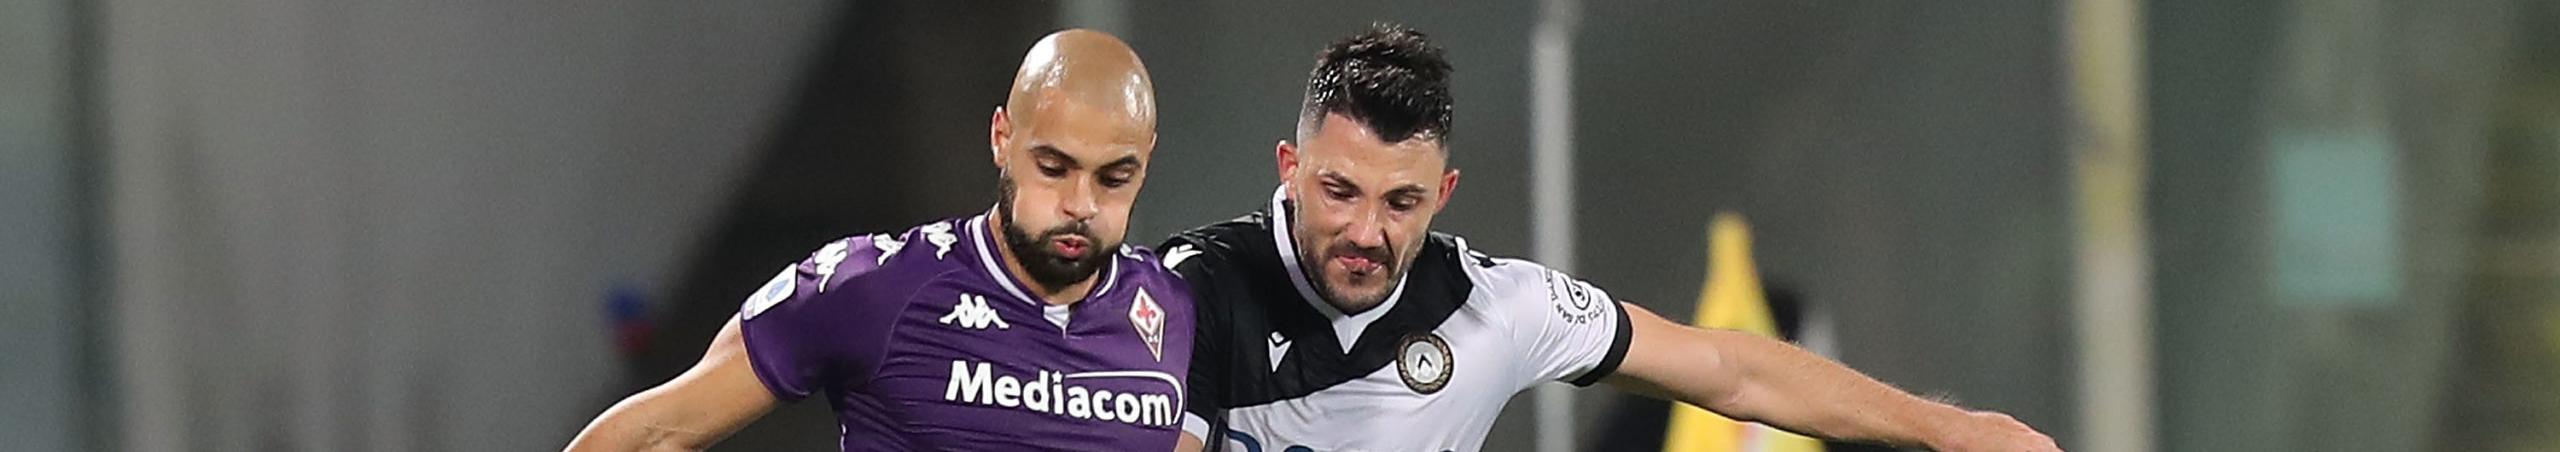 Udinese-Fiorentina, chi si chiamerà fuori dalla lotta salvezza?